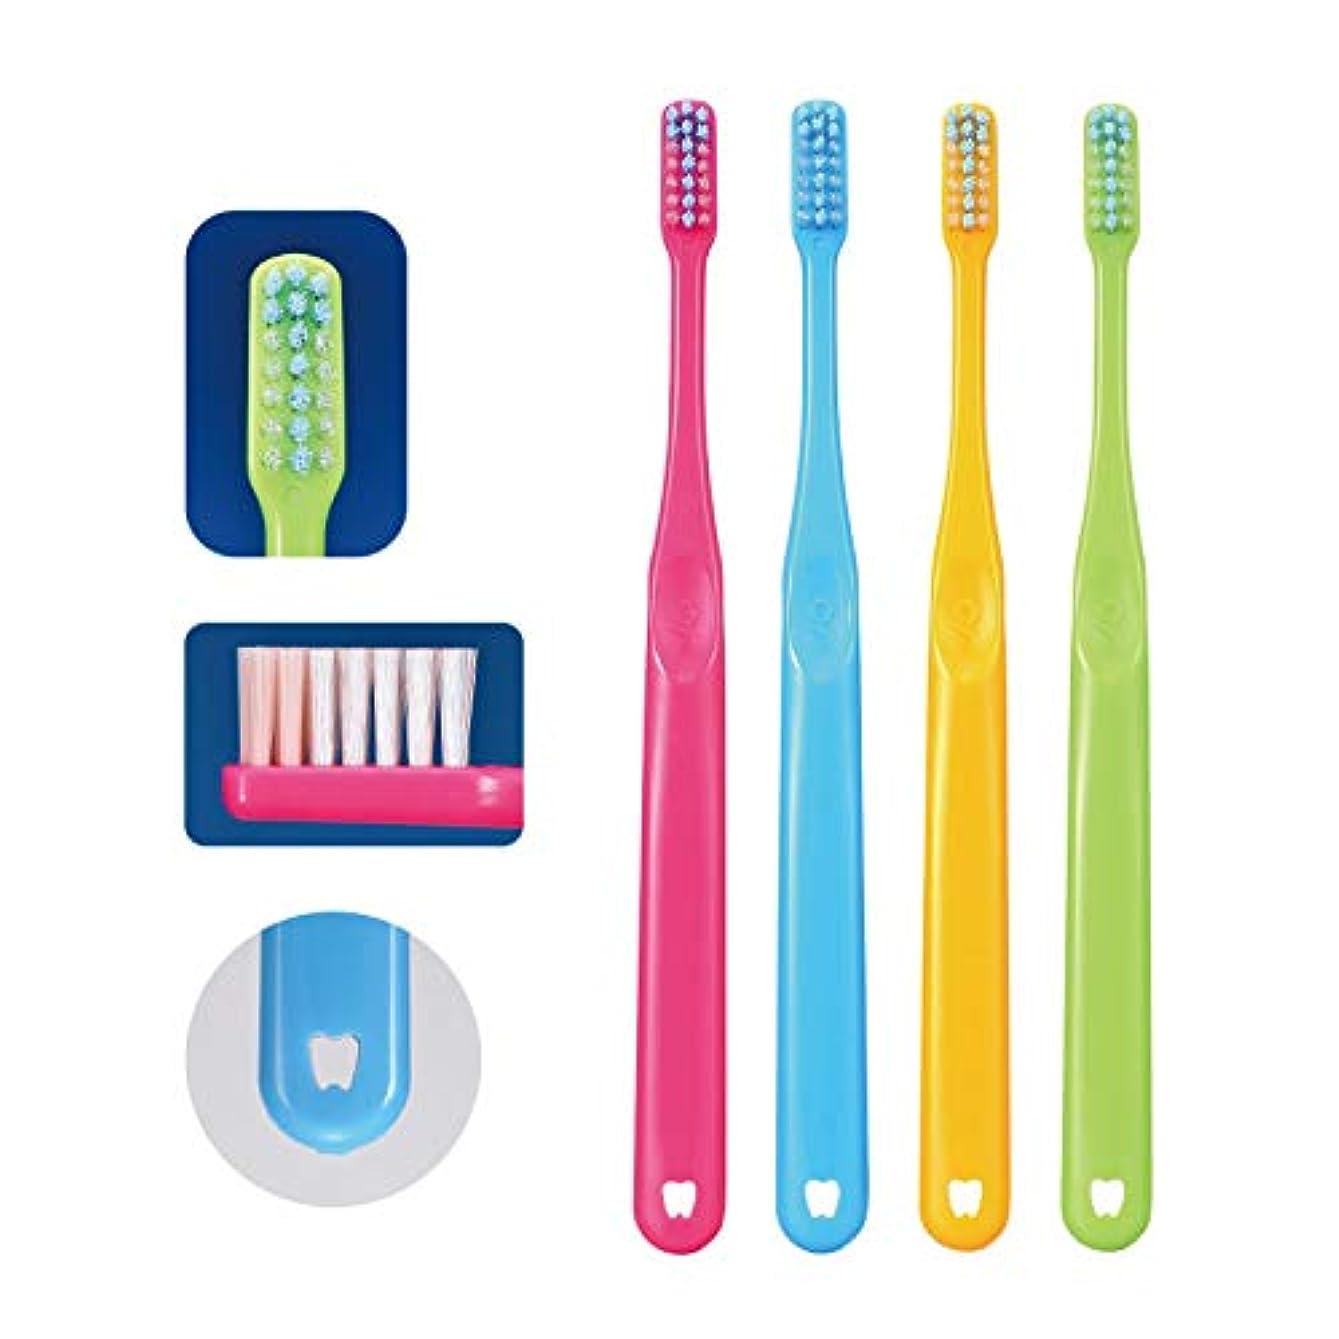 群れゴシップ殉教者Ci PRO PLUS プロプラス 歯ブラシ 20本 S(やわらかめ) 日本製 プラーク除去 歯科専売品